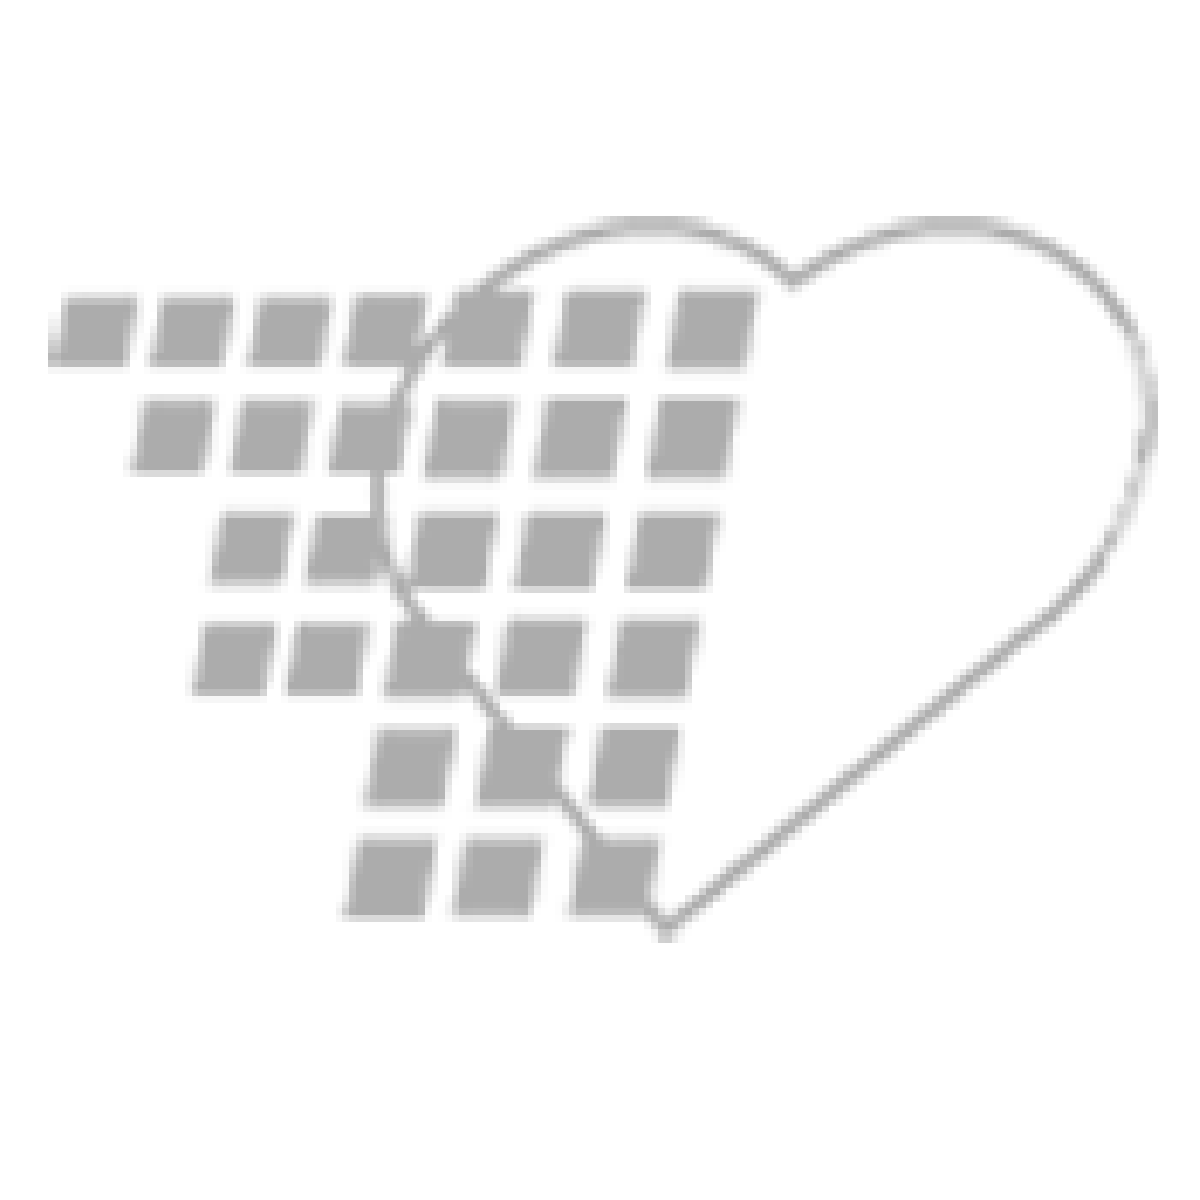 06-93-0425 - Demo Dose® Steril Water 1000 mL